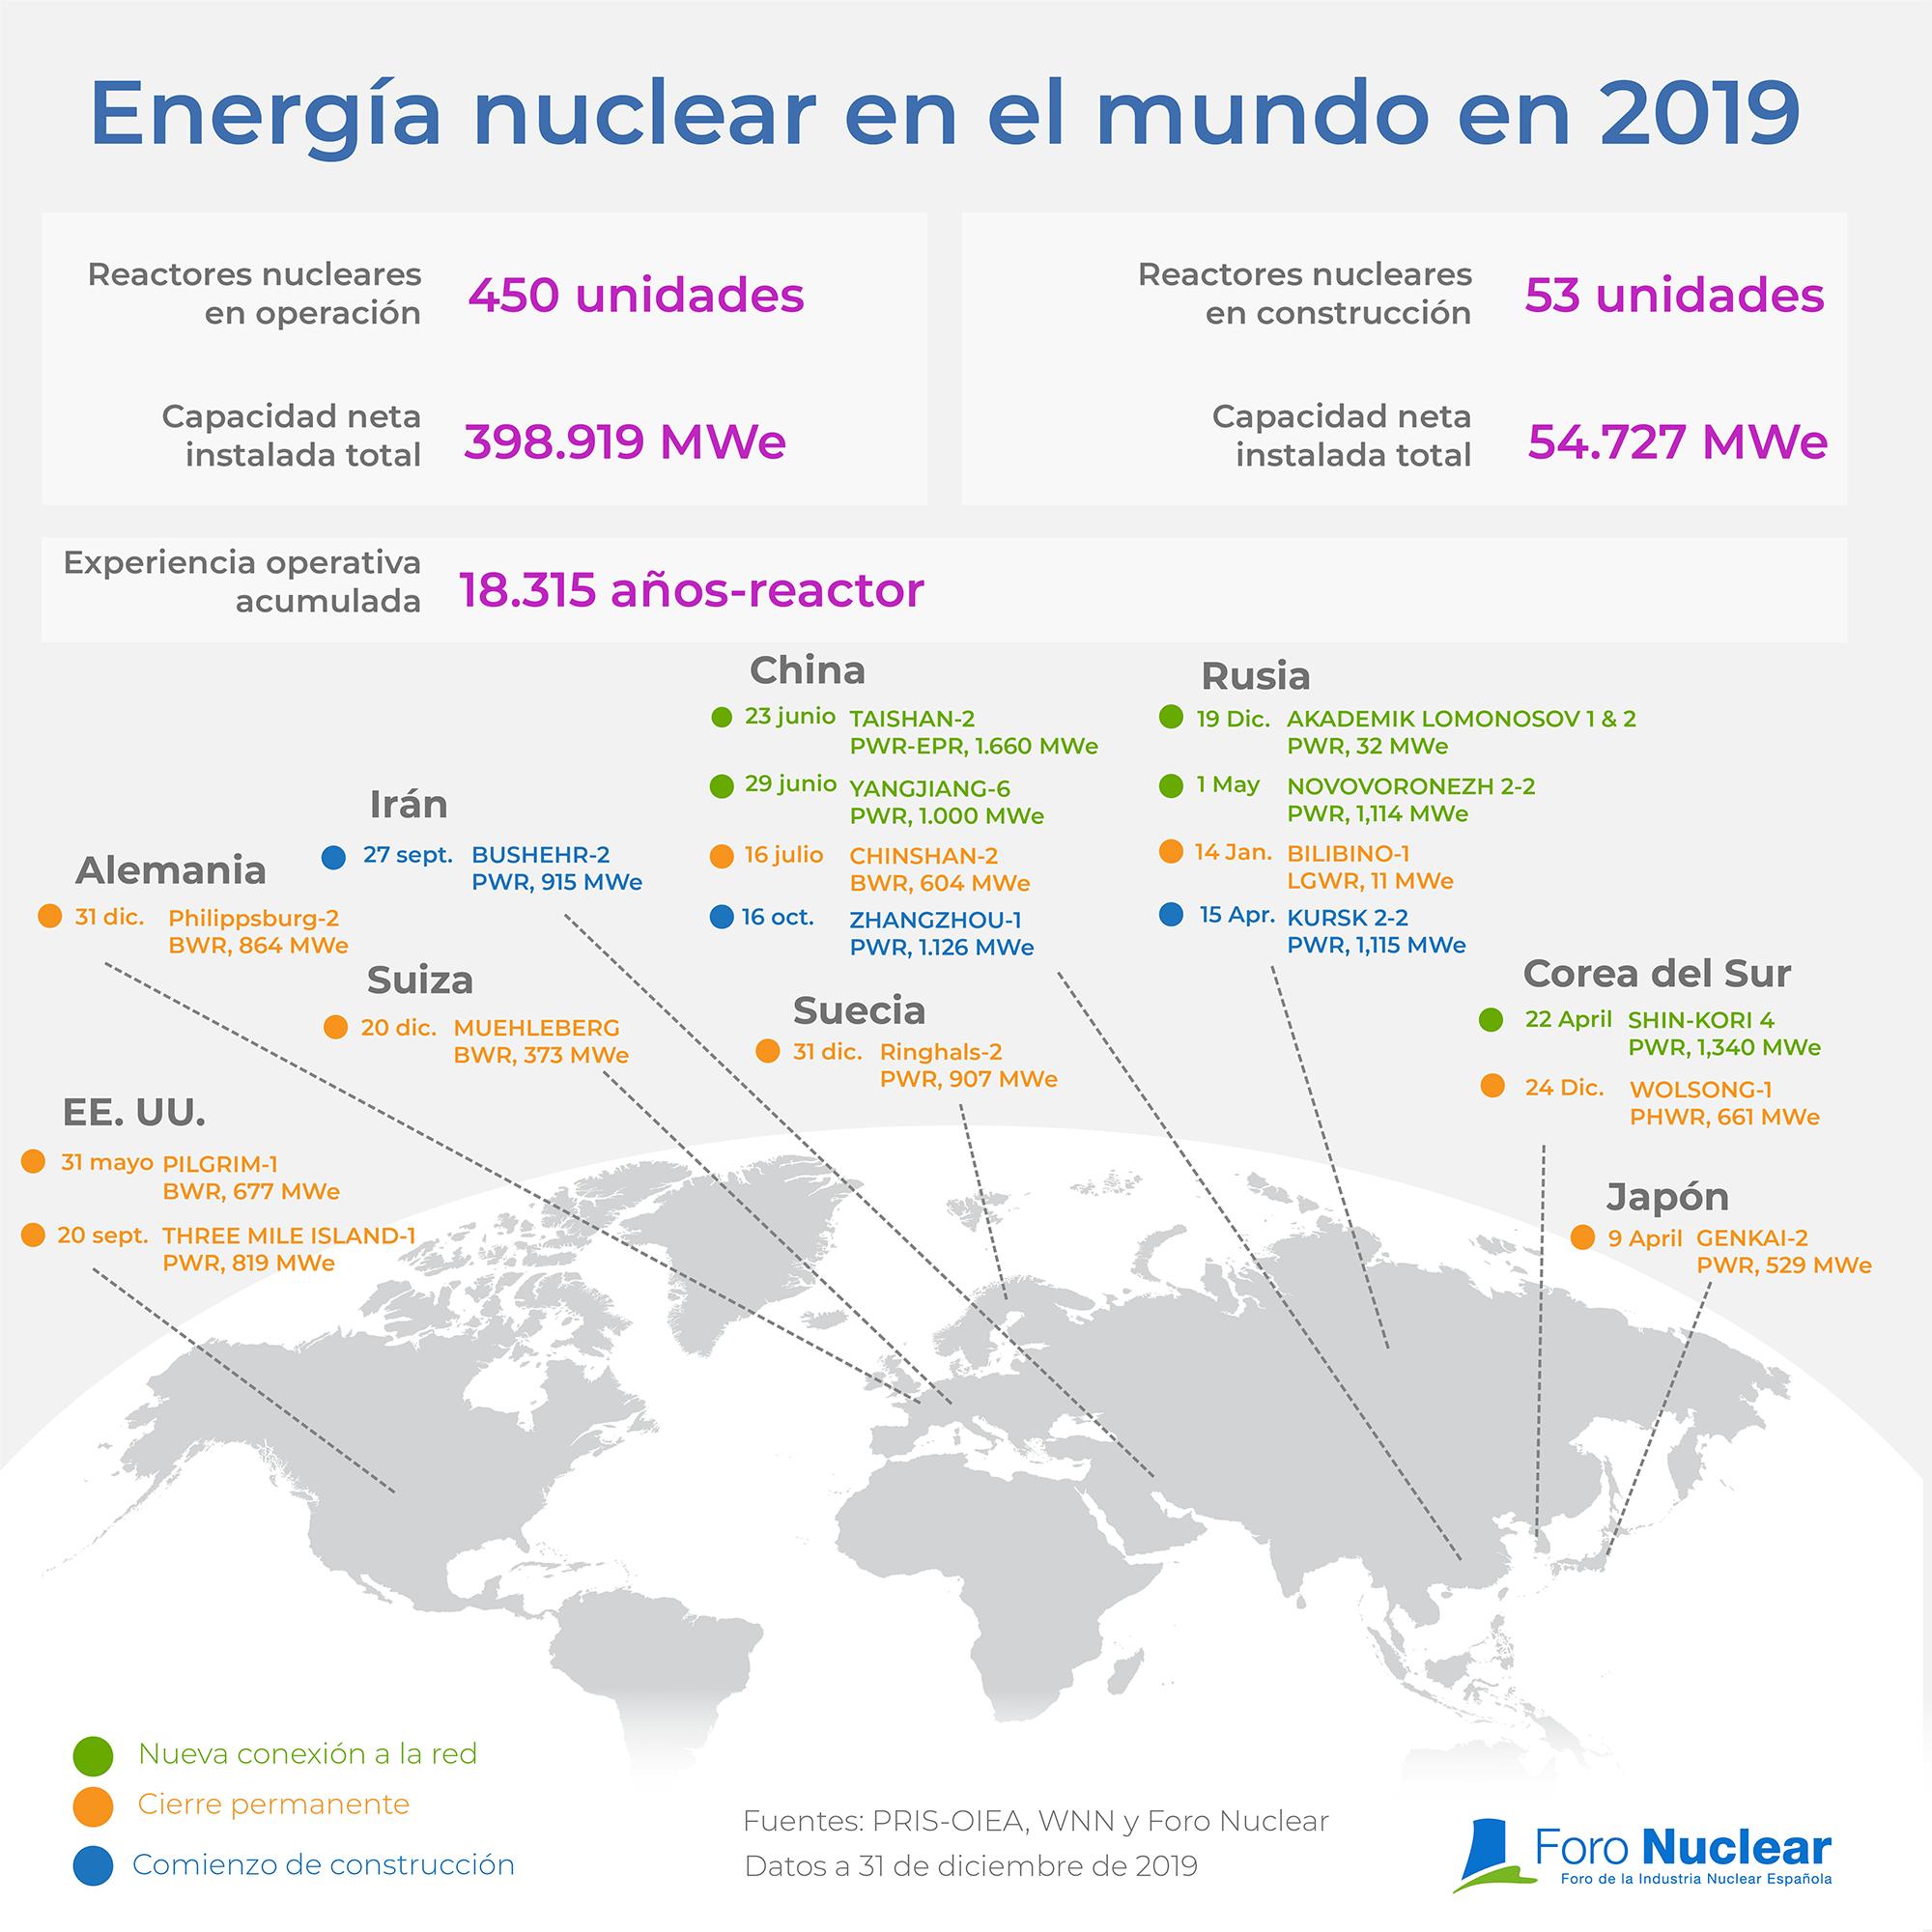 Energía nuclear en el mundo en 2019